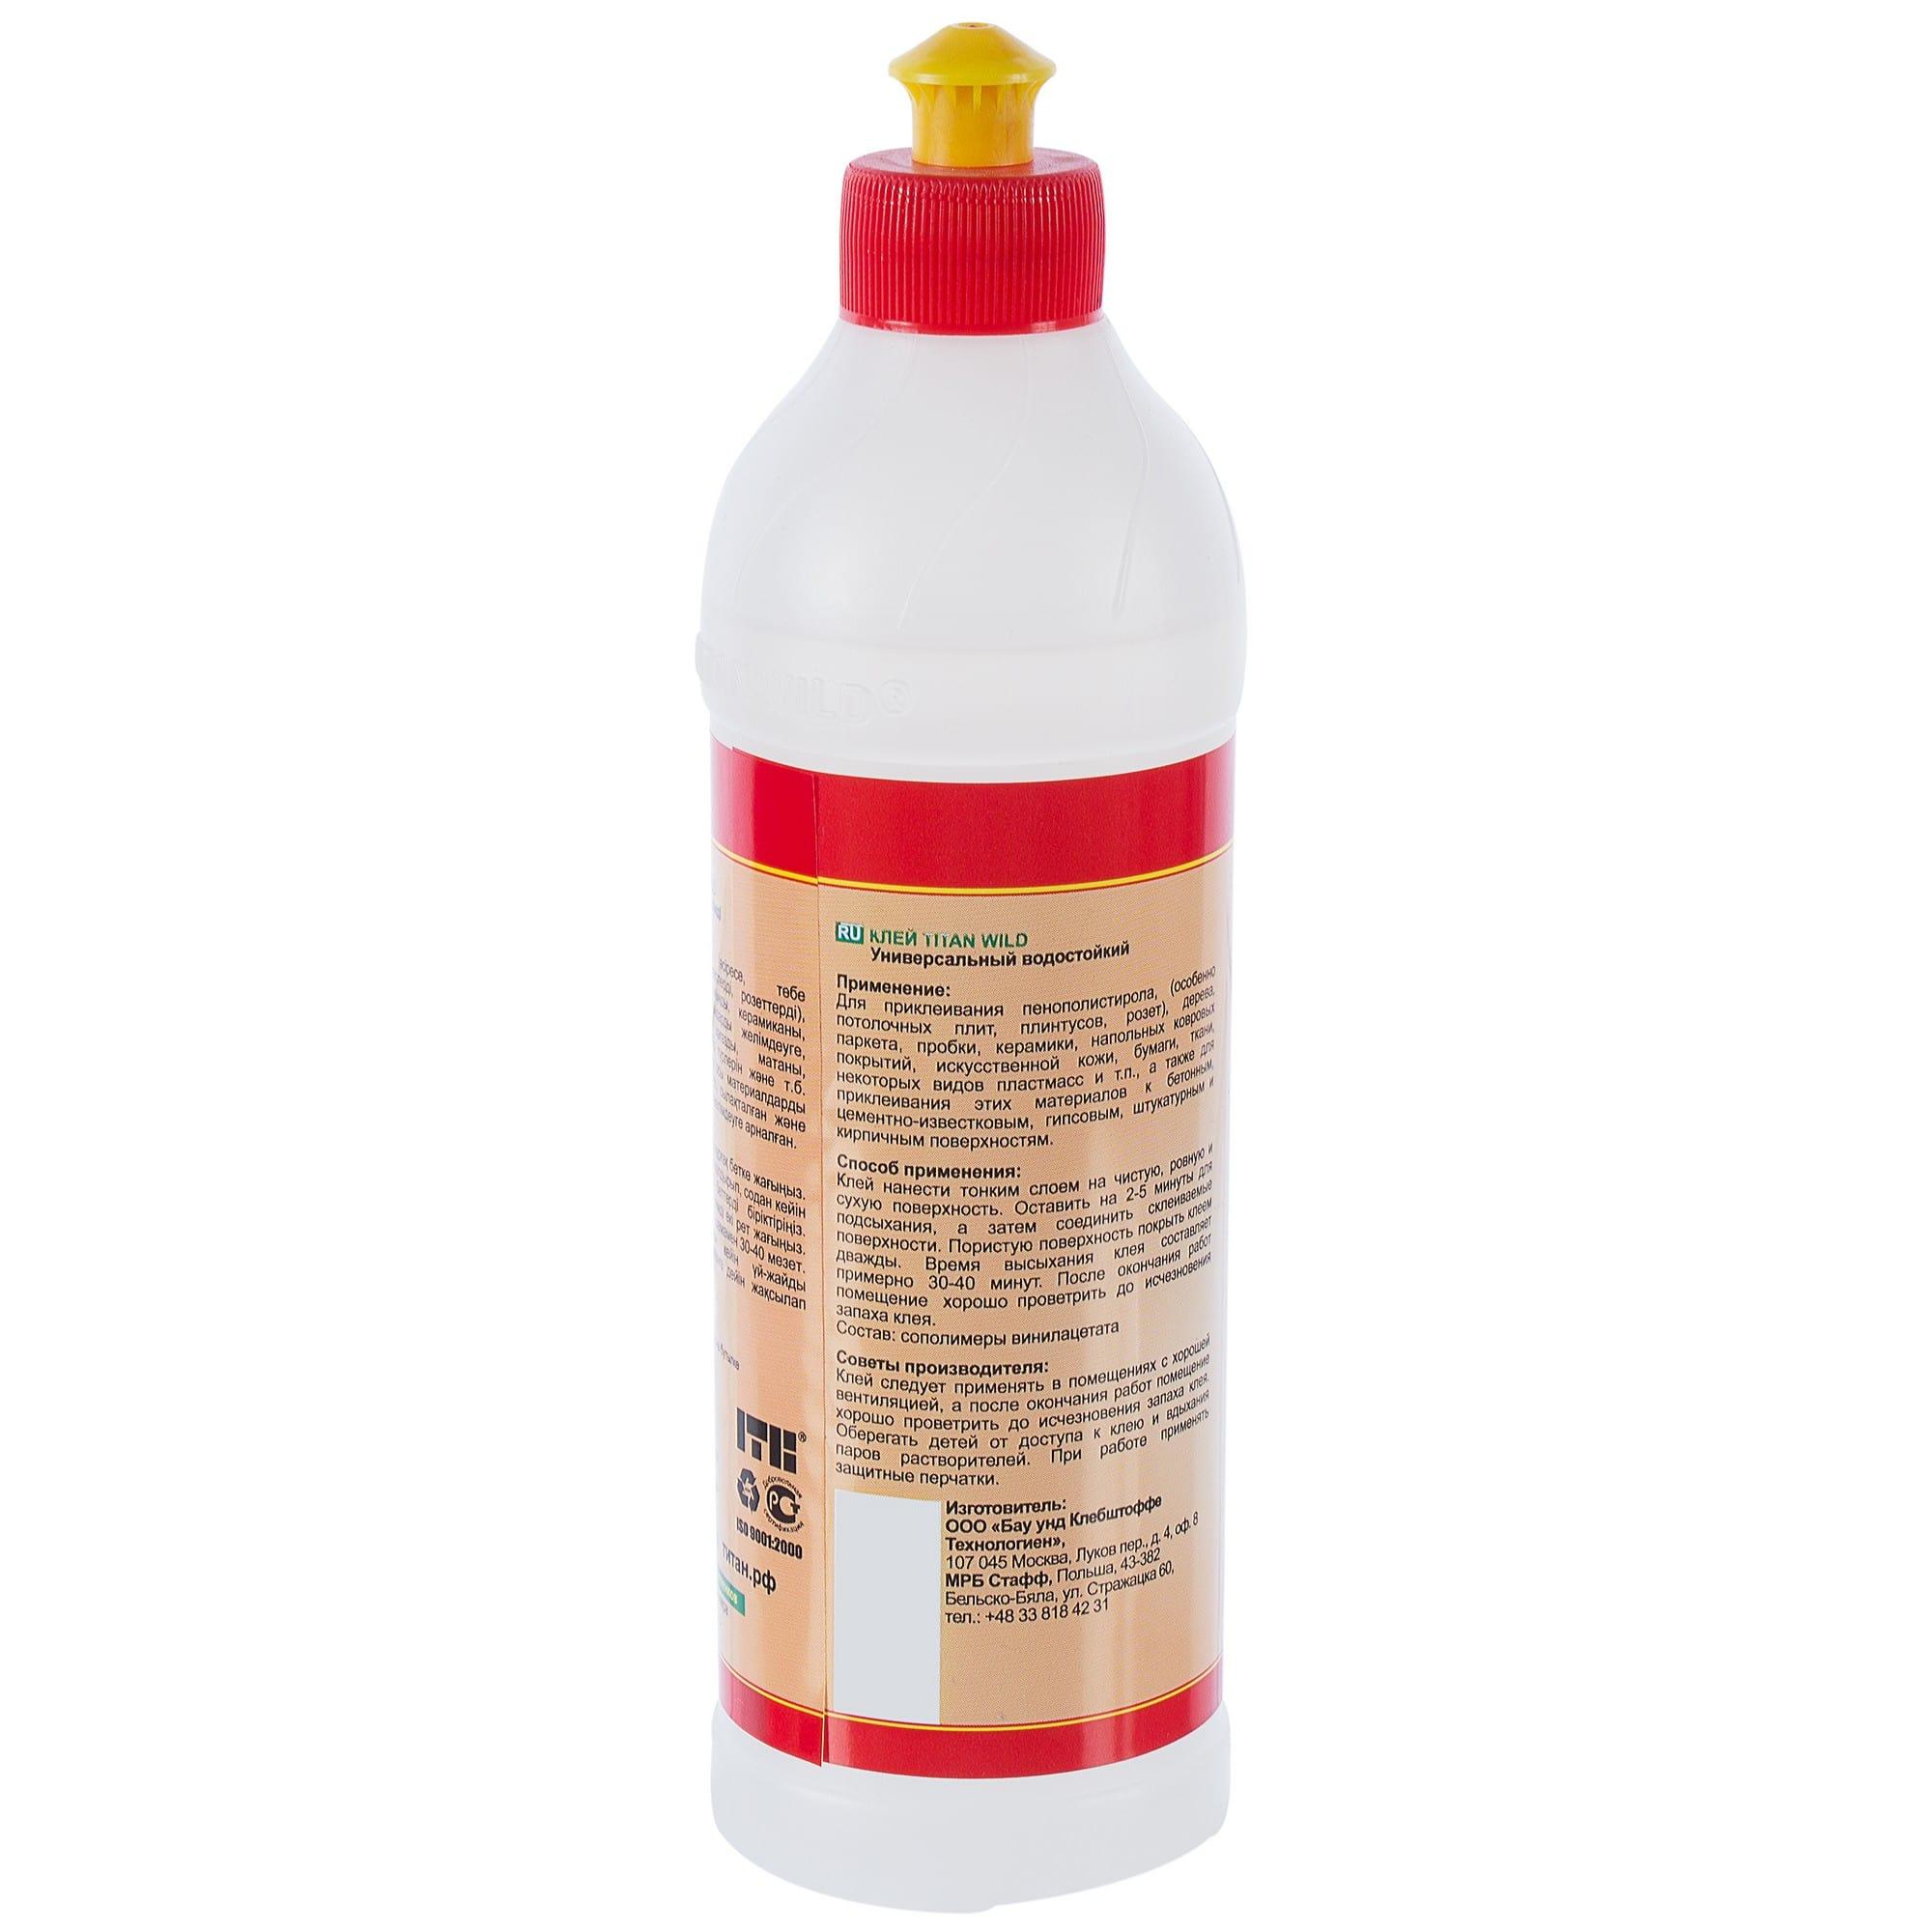 полимерный клей для пенополистирола